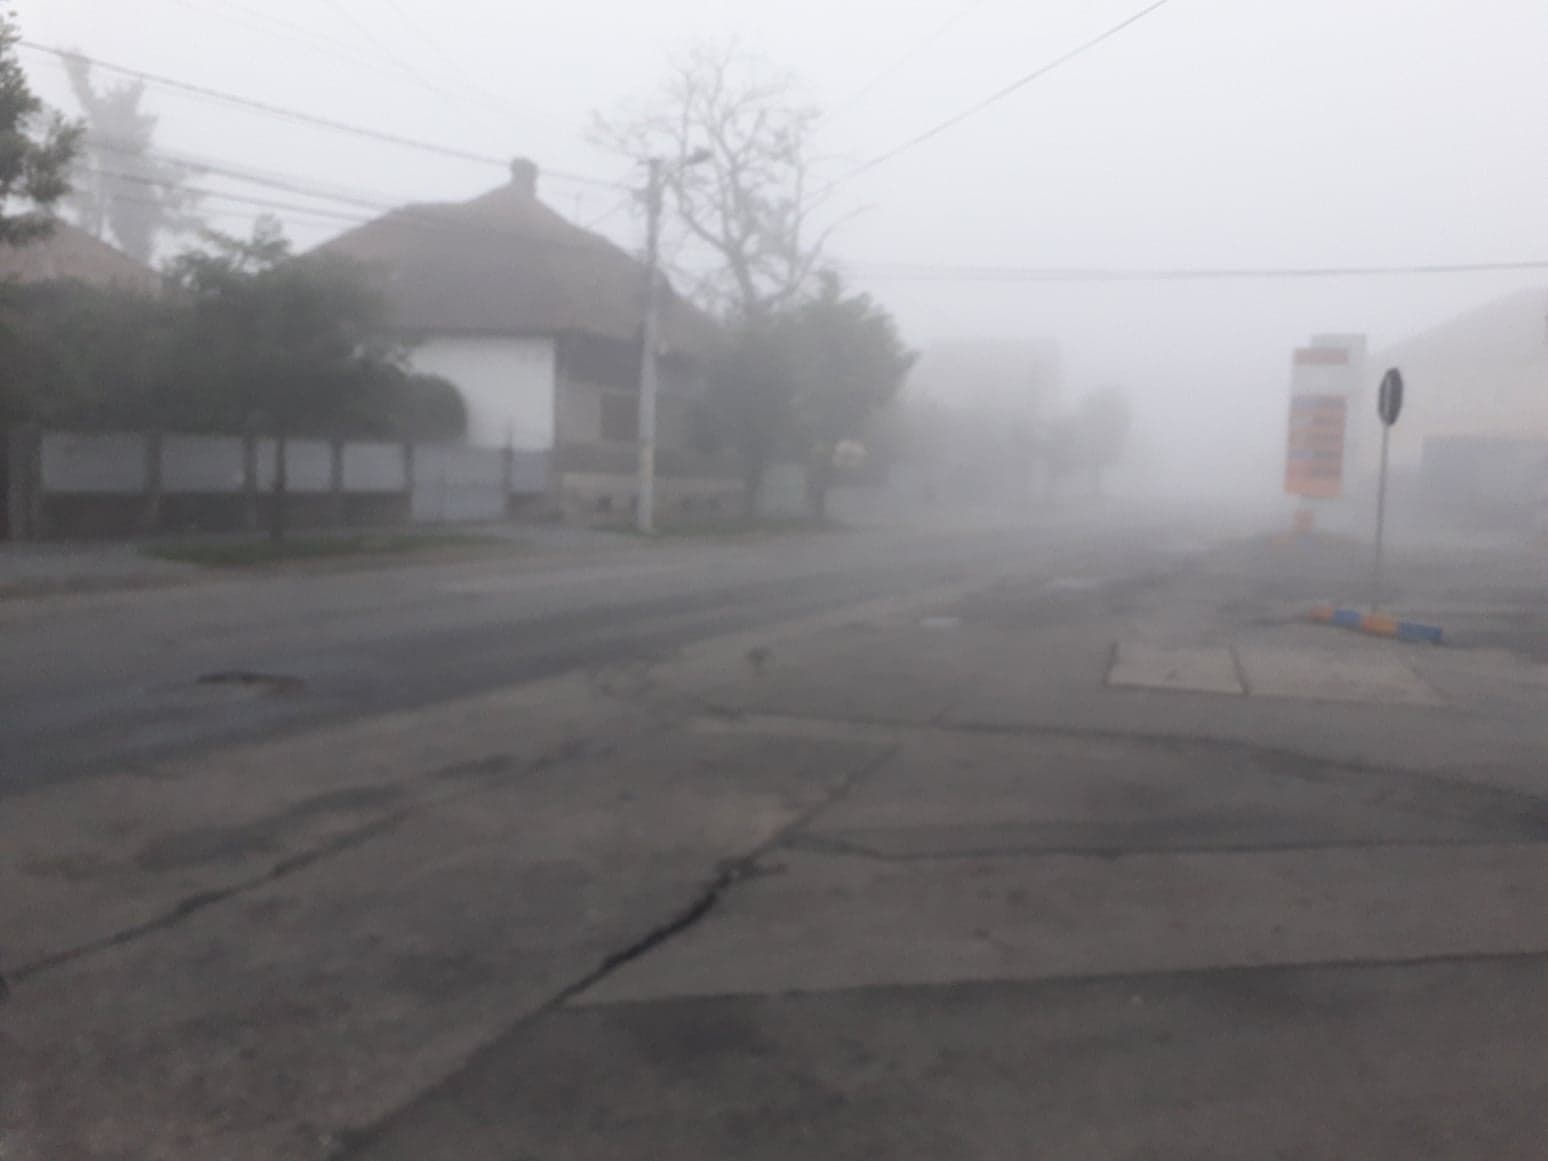 Cod galben de ceață și în zona noastră. Este posibil să apară chiciura și fulguieli